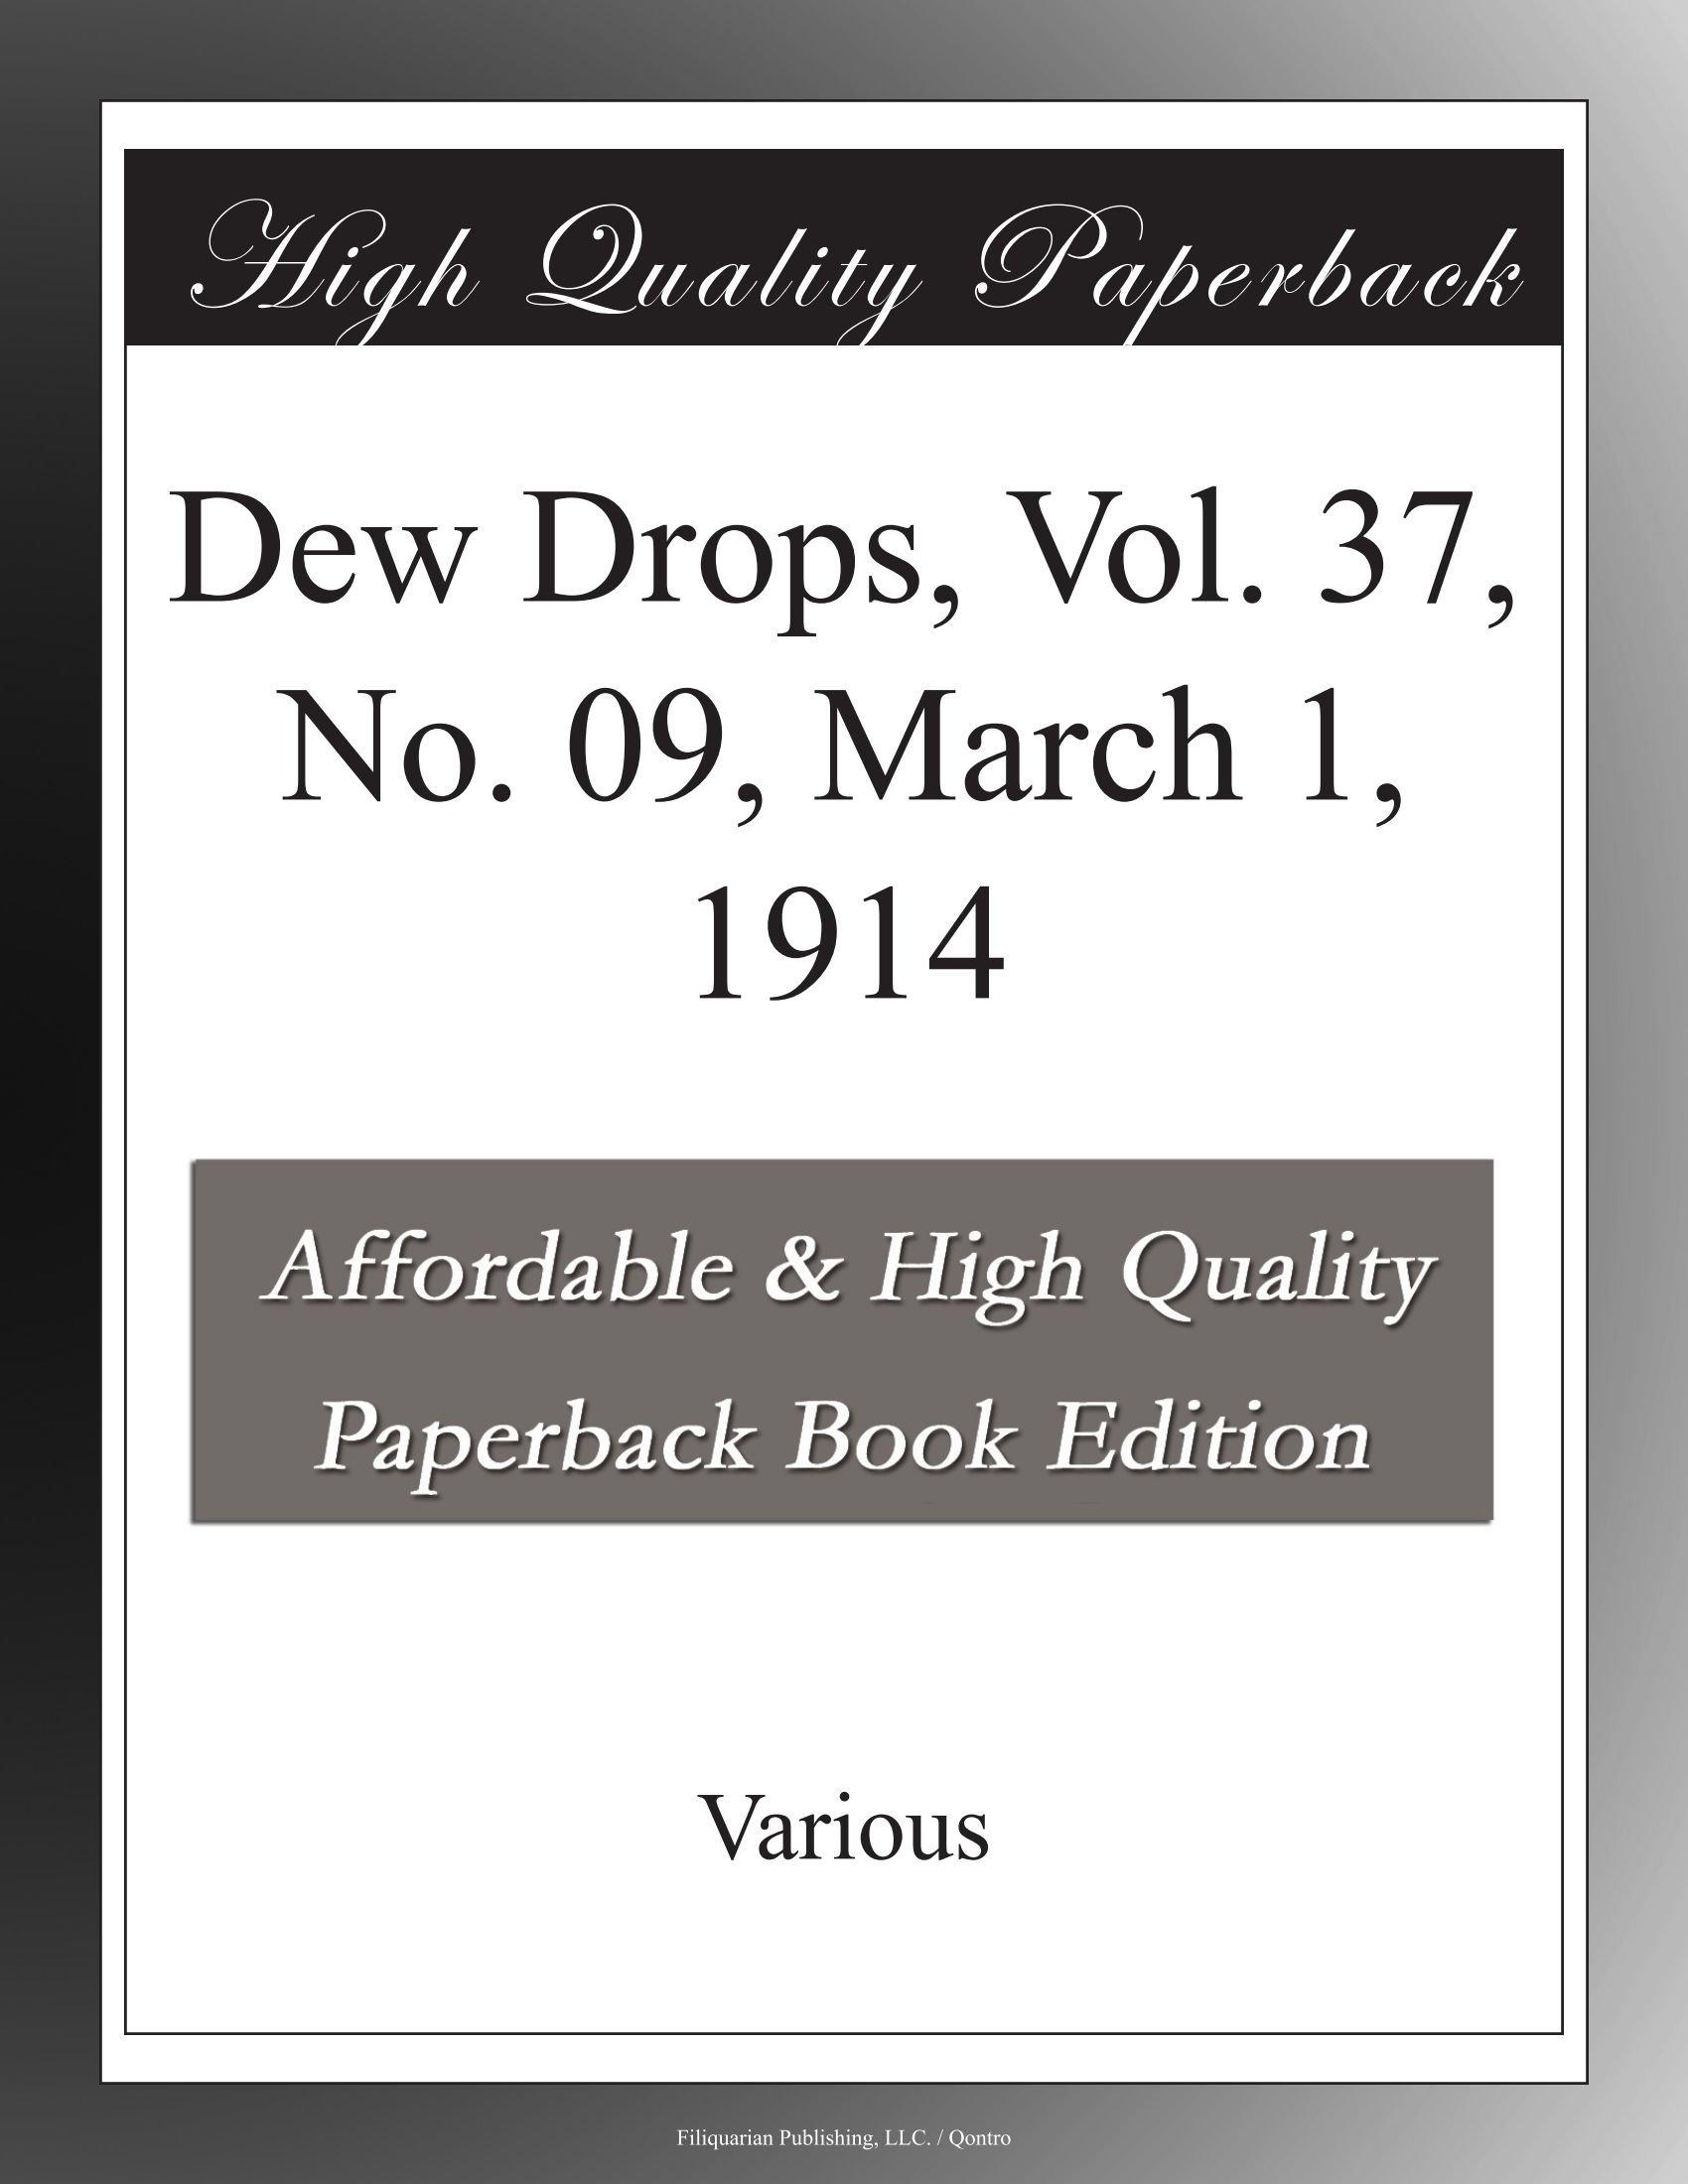 Dew Drops, Vol. 37, No. 09, March 1, 1914 PDF